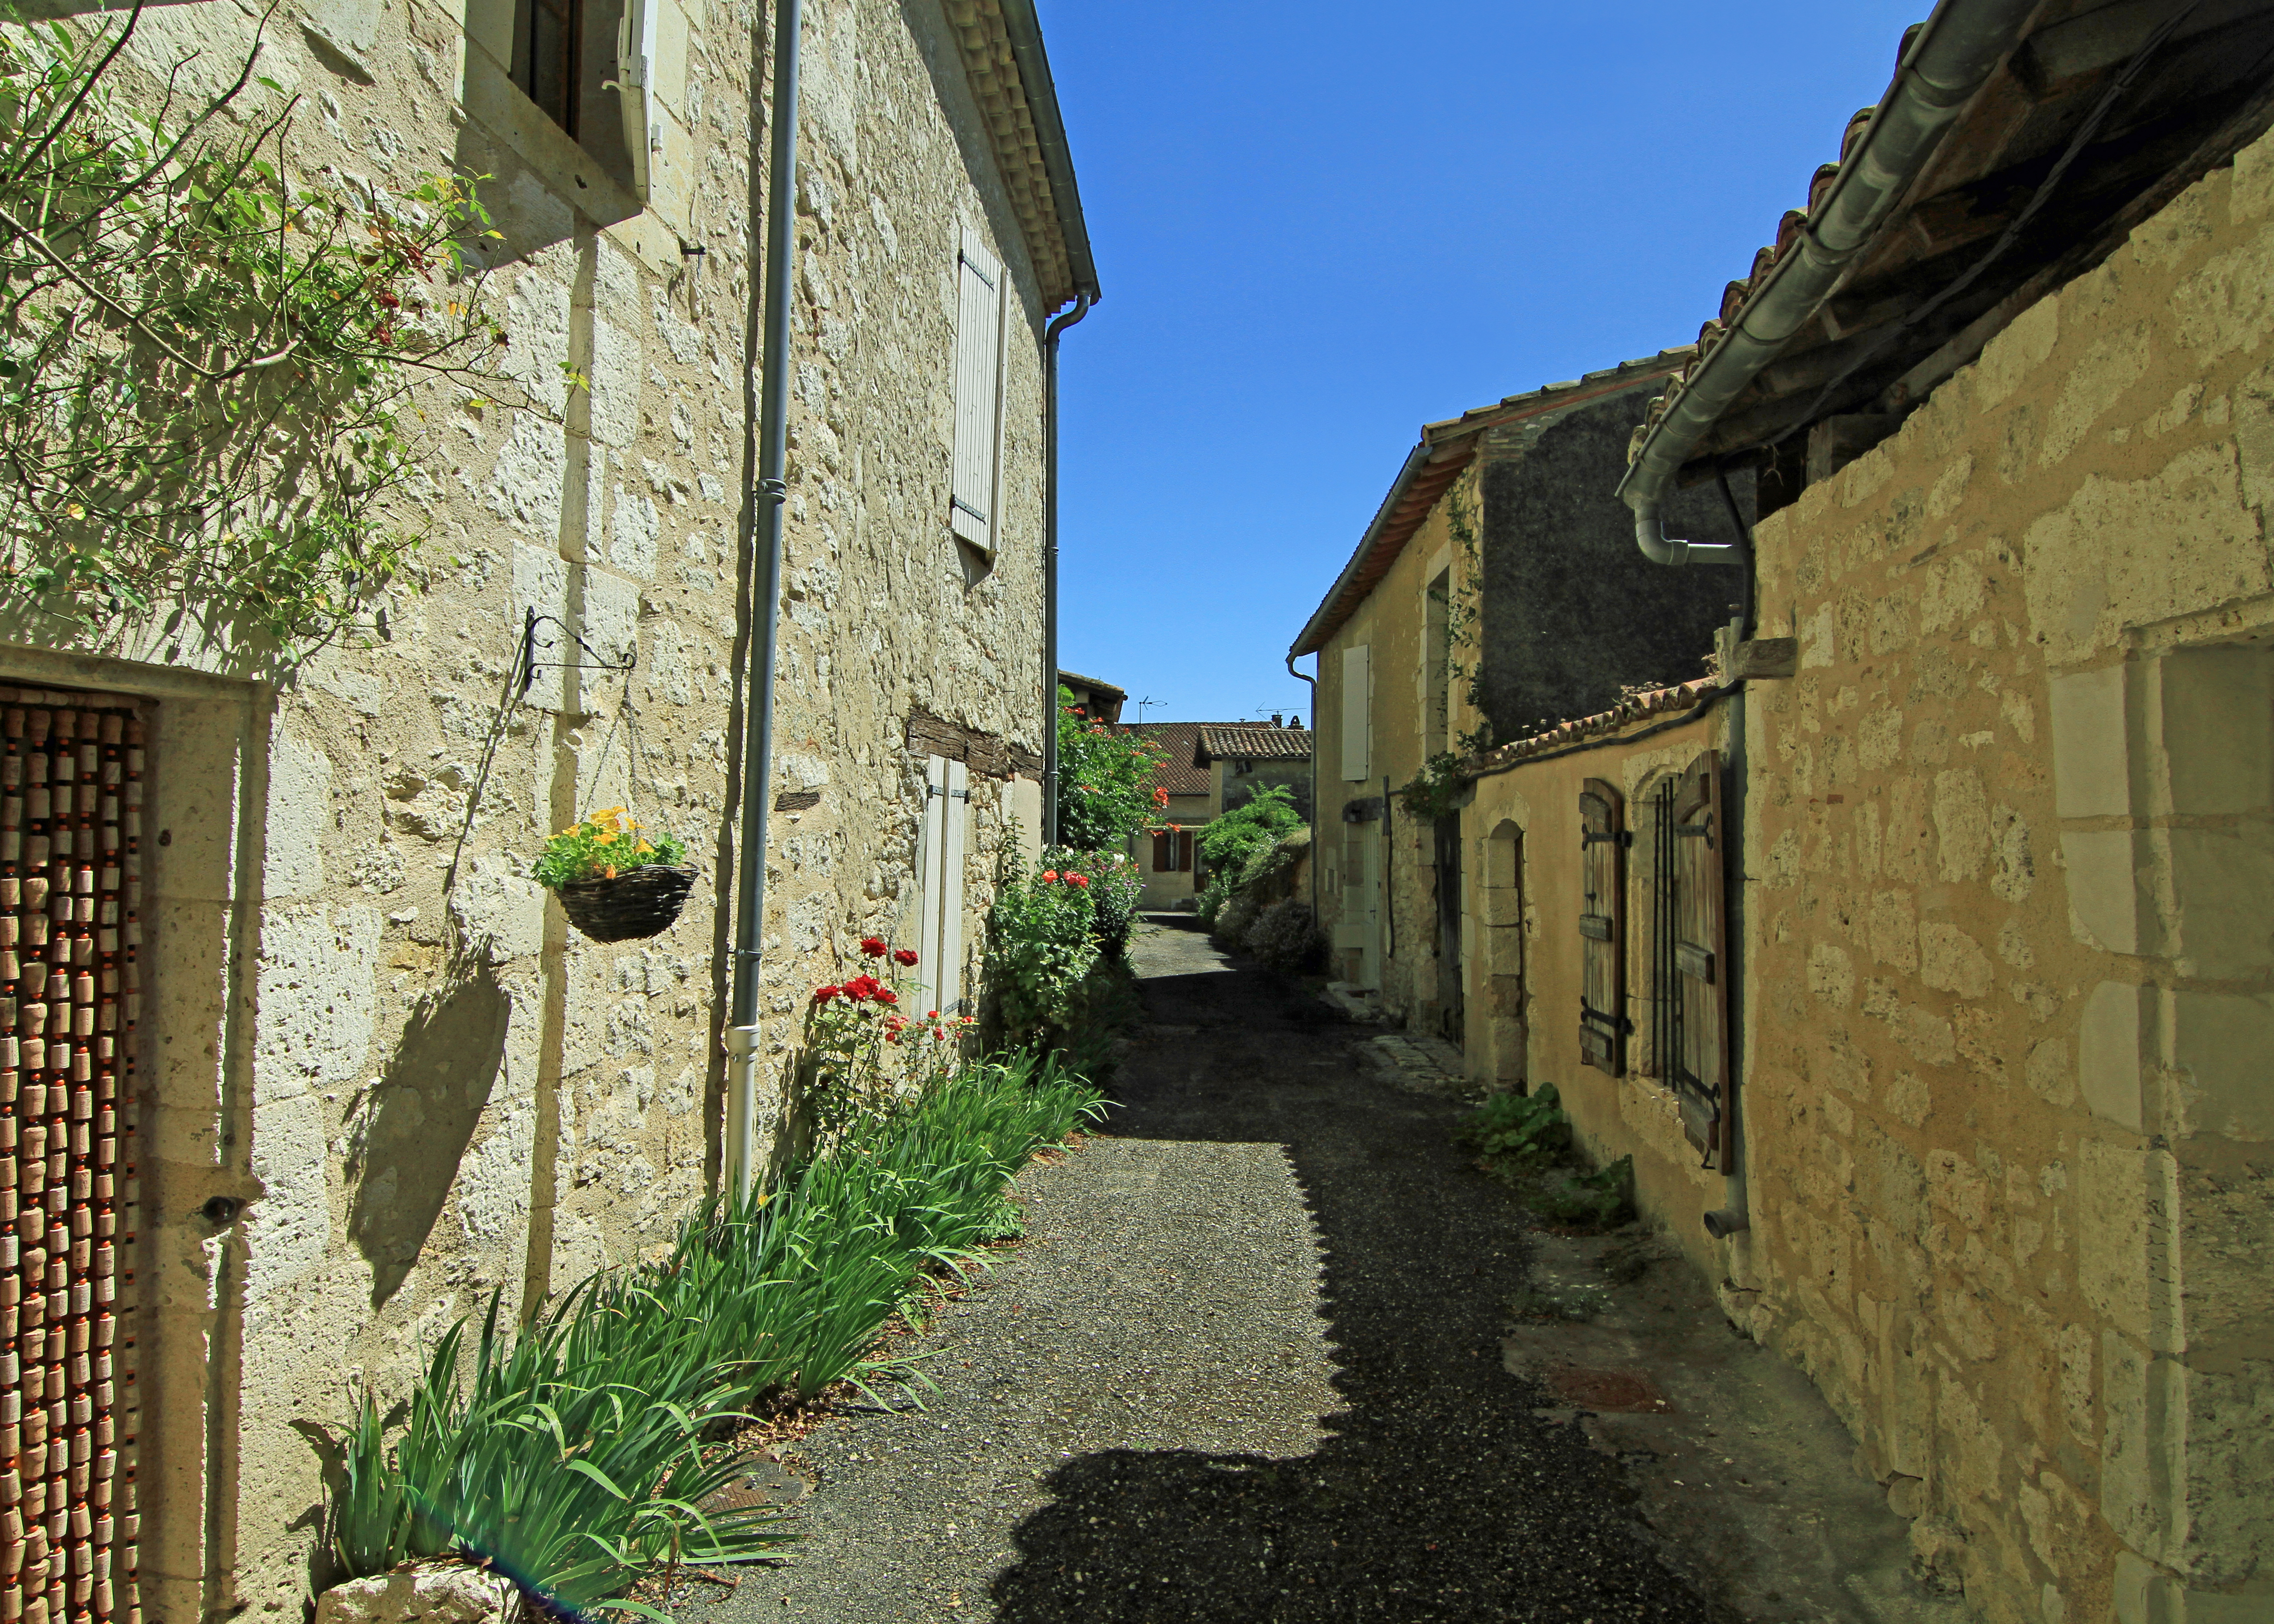 IMG_0383-phtsp-vieille ruelle StClar-50x